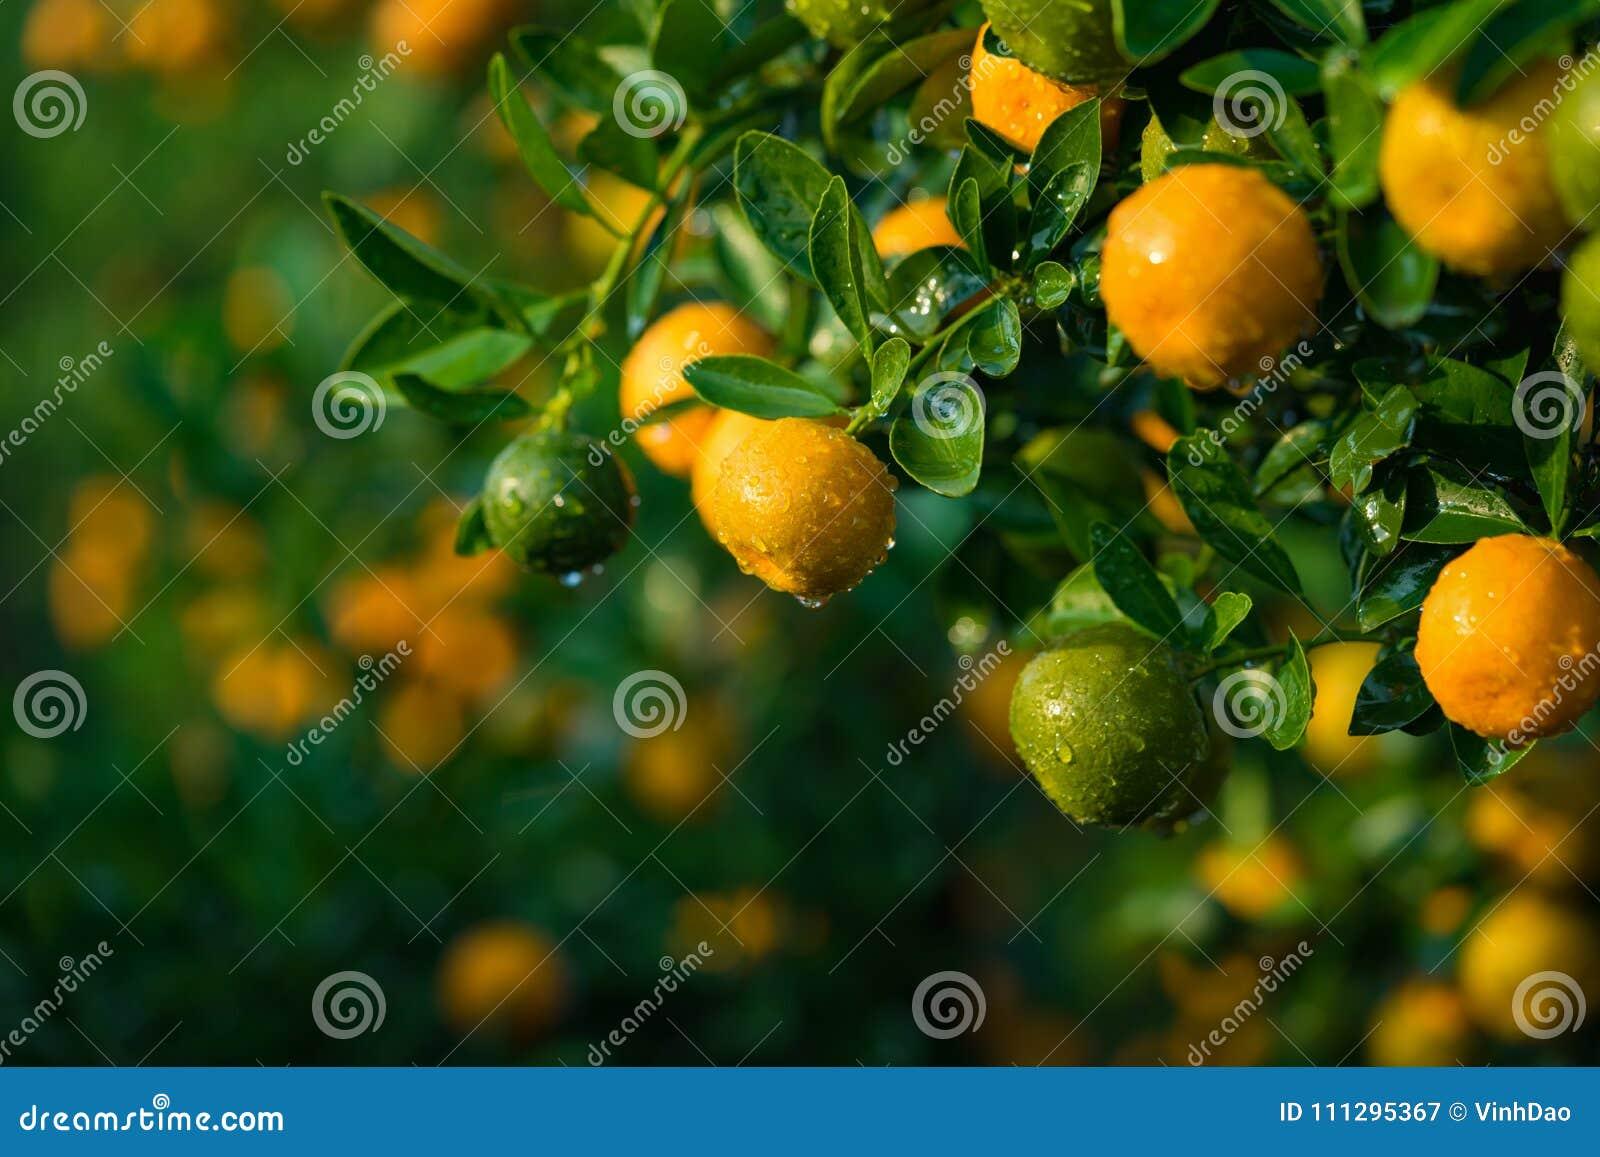 Kumquat, o símbolo do ano novo lunar vietnamiano Em quase cada agregado familiar, as compras cruciais para Tet incluem o pêssego